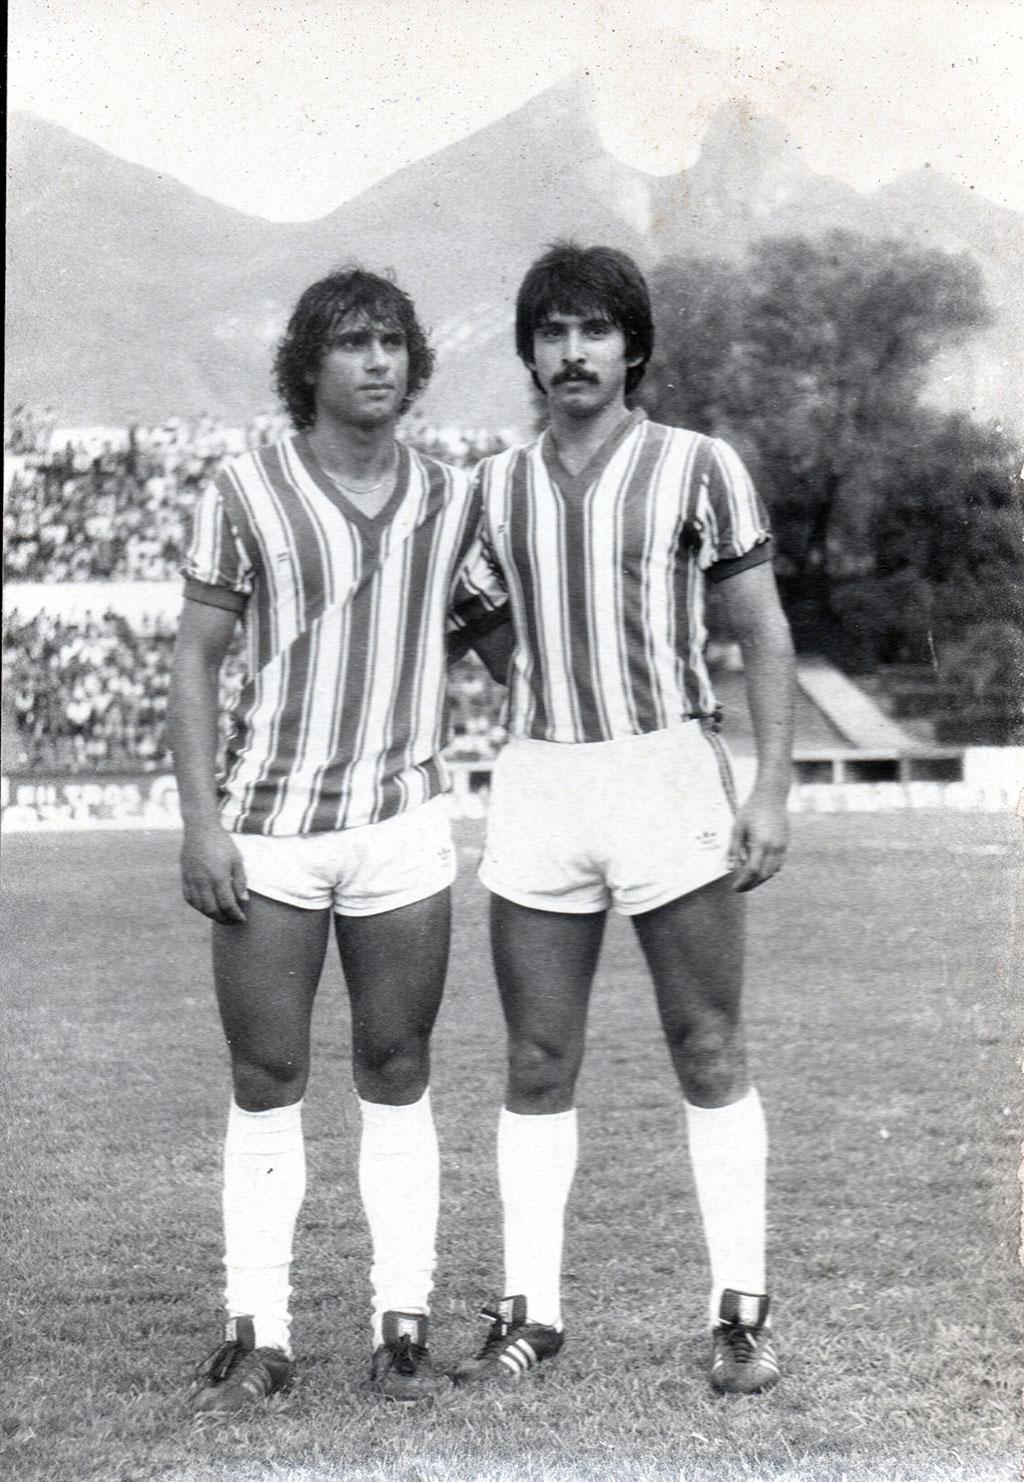 Francisco Romero y Pepe Treviño